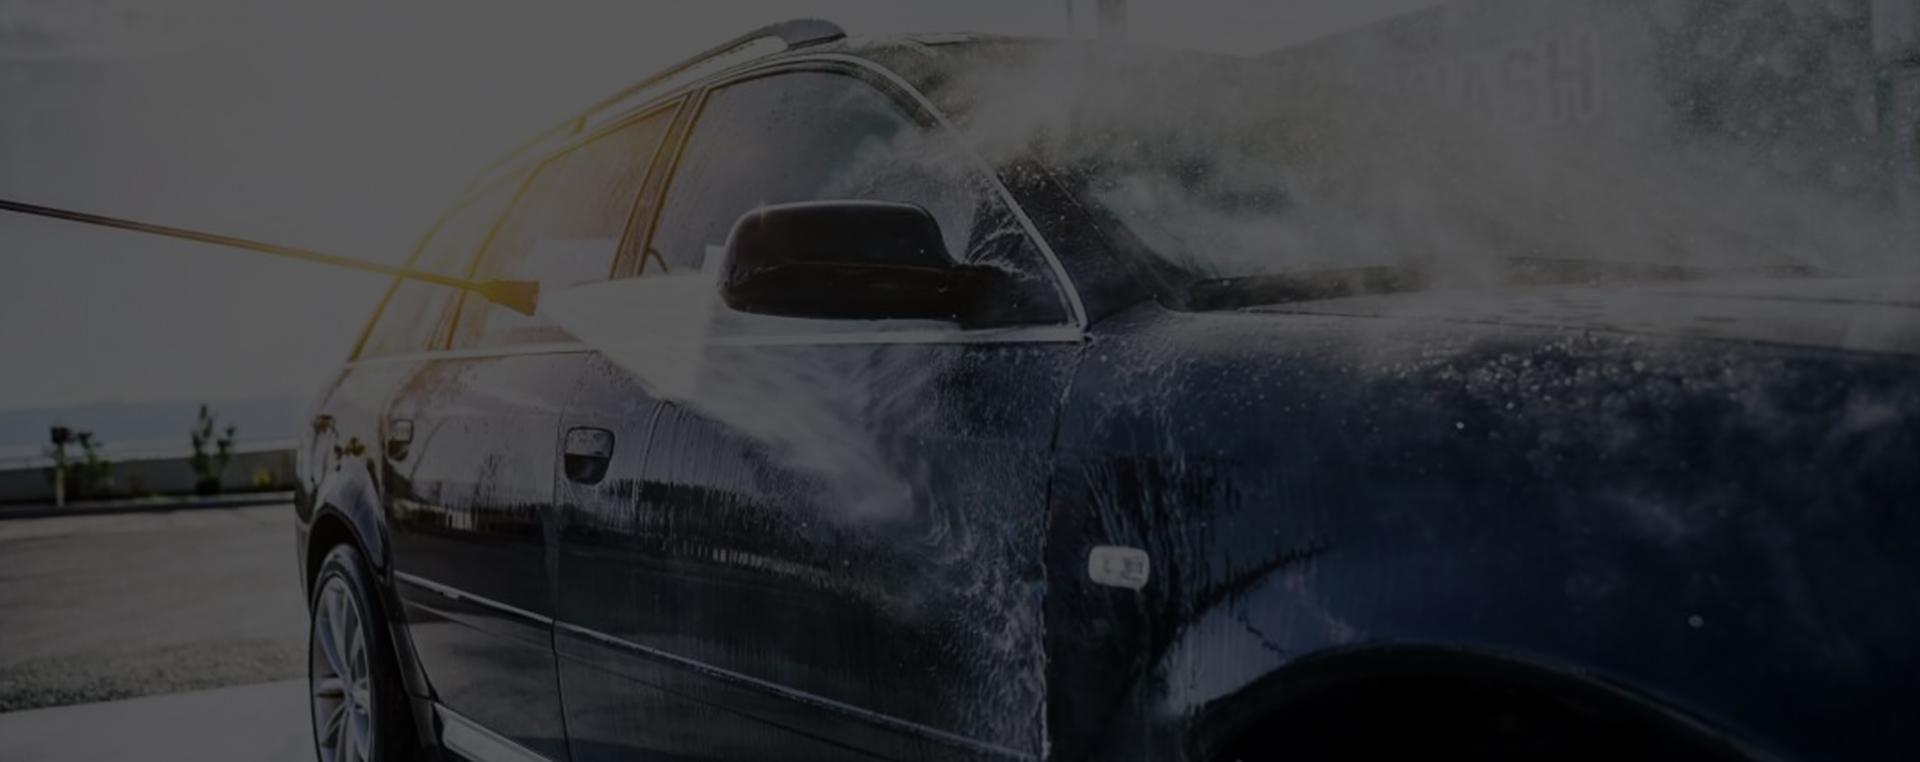 Car Wash Software